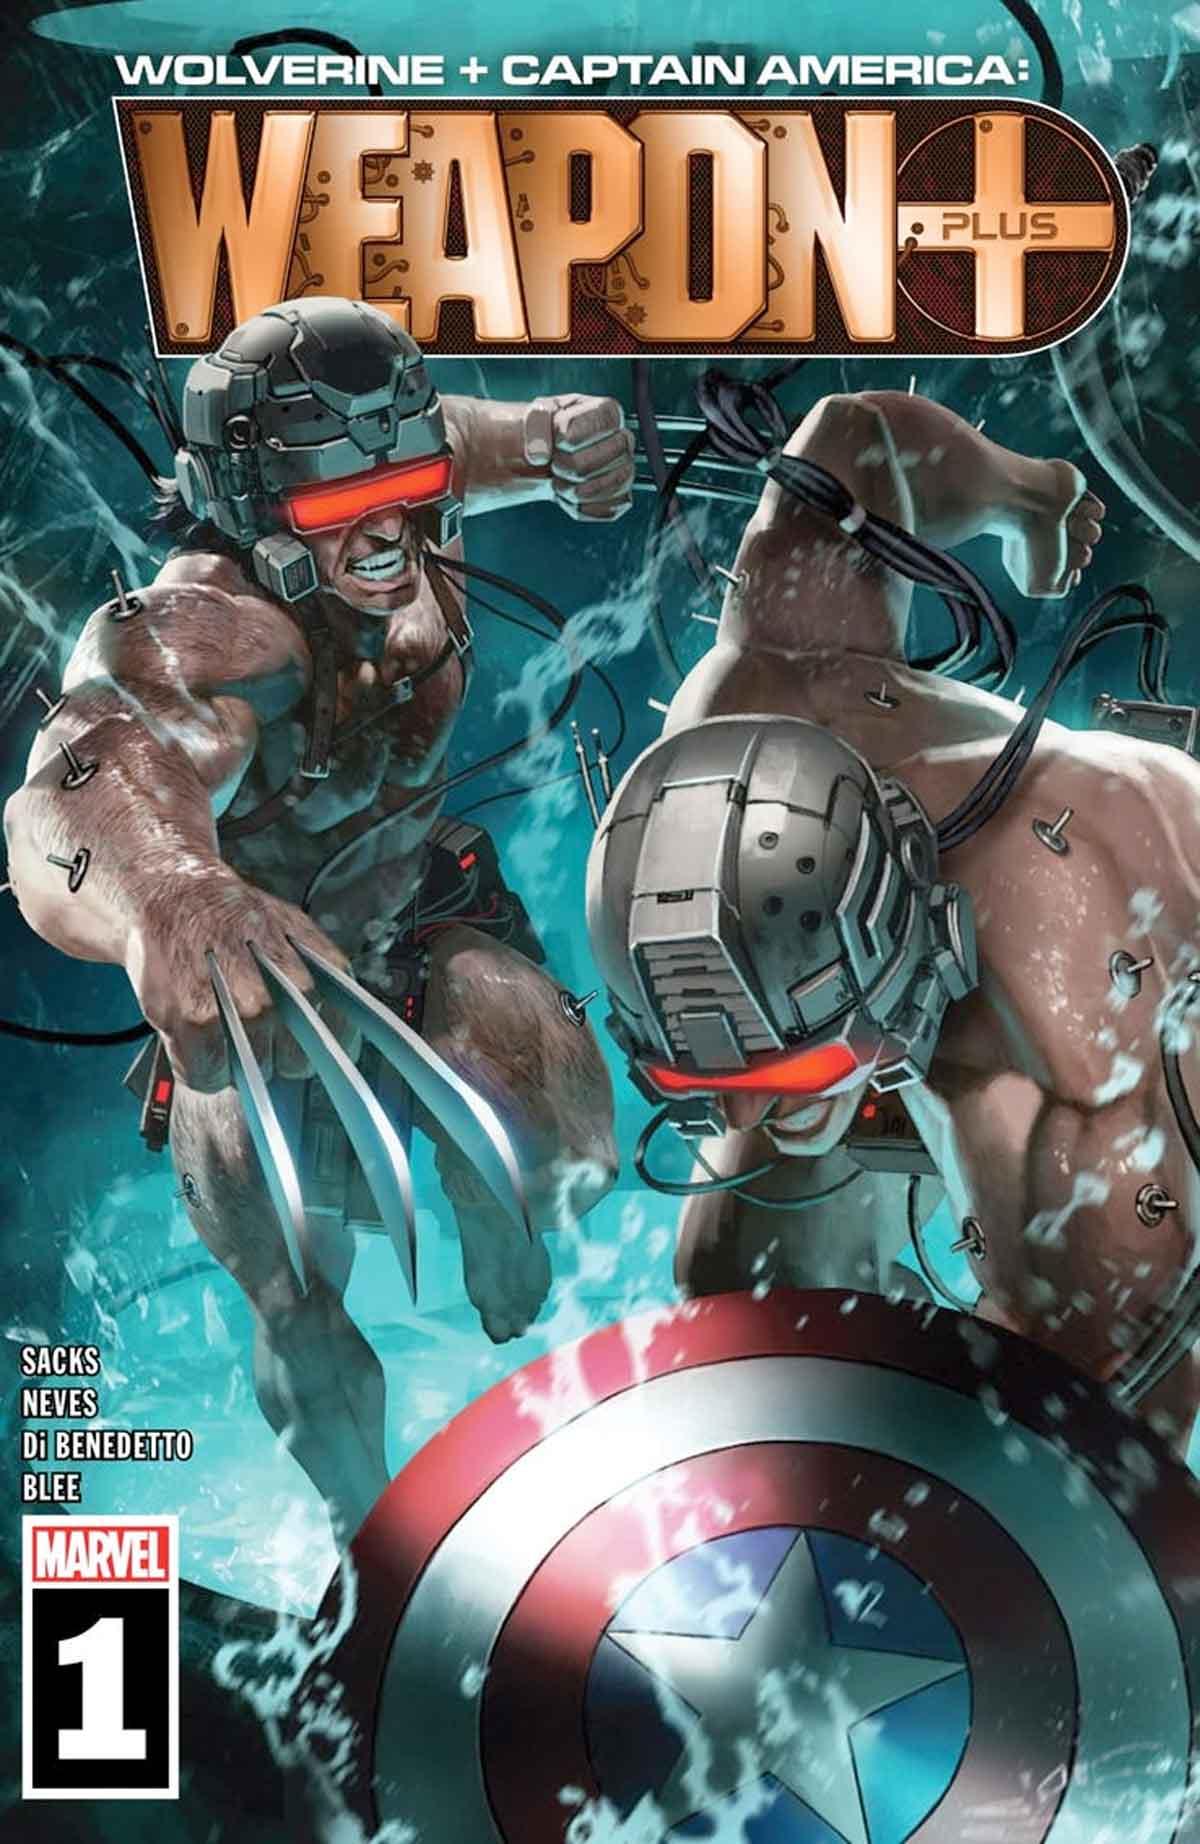 Wolverine fue creado en realidad por Capitán América